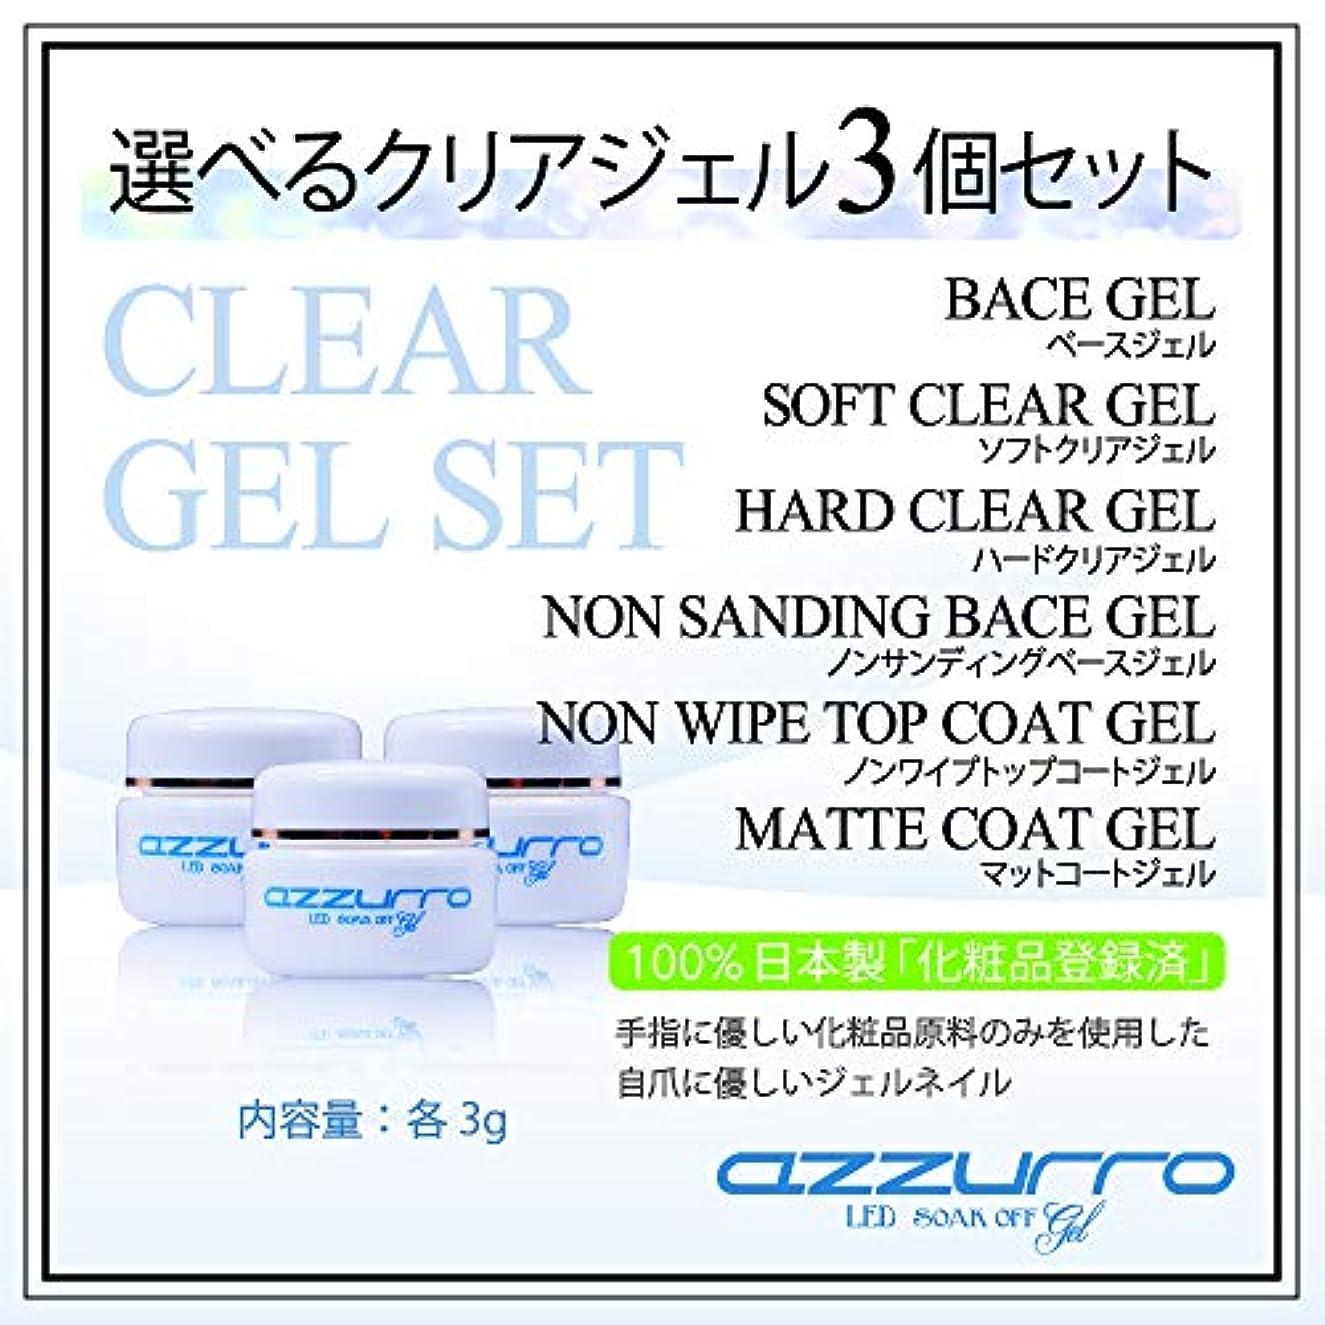 量言語長方形azzurro gel アッズーロ選べるクリアージェル お得な3個セット